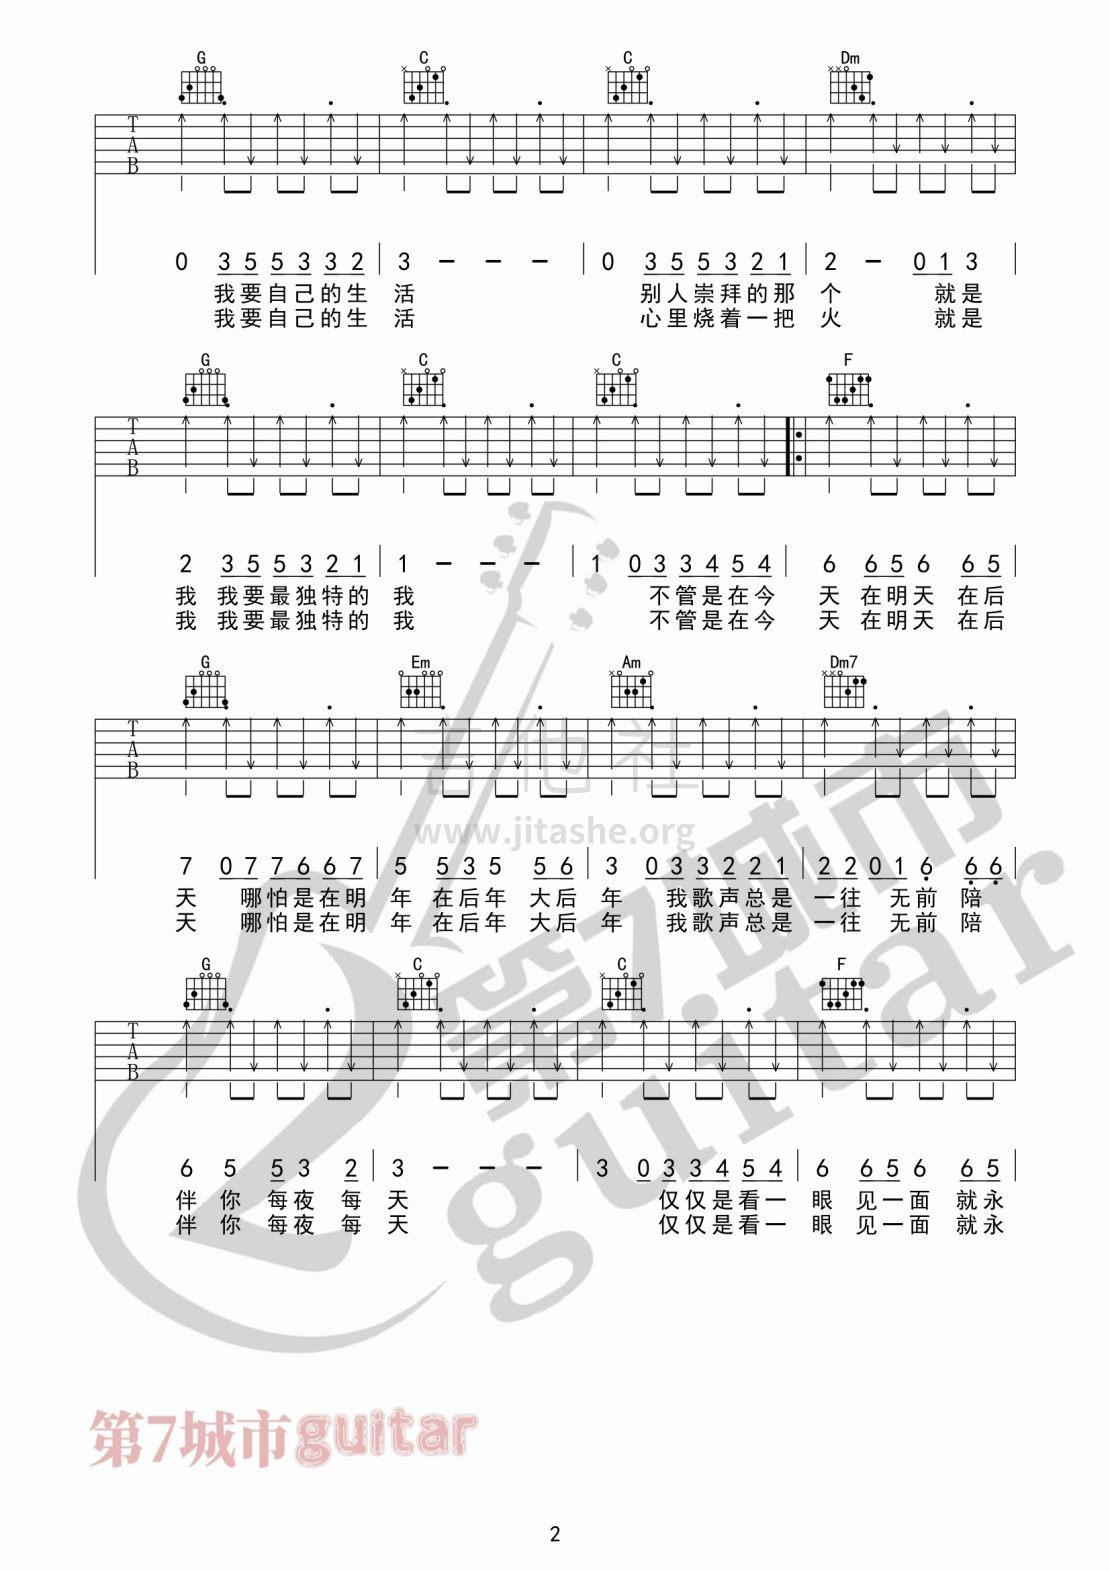 吉他初恋吉他谱(图片谱,第七城市,弹唱)_刘大壮_吉他初恋02_副本.jpg